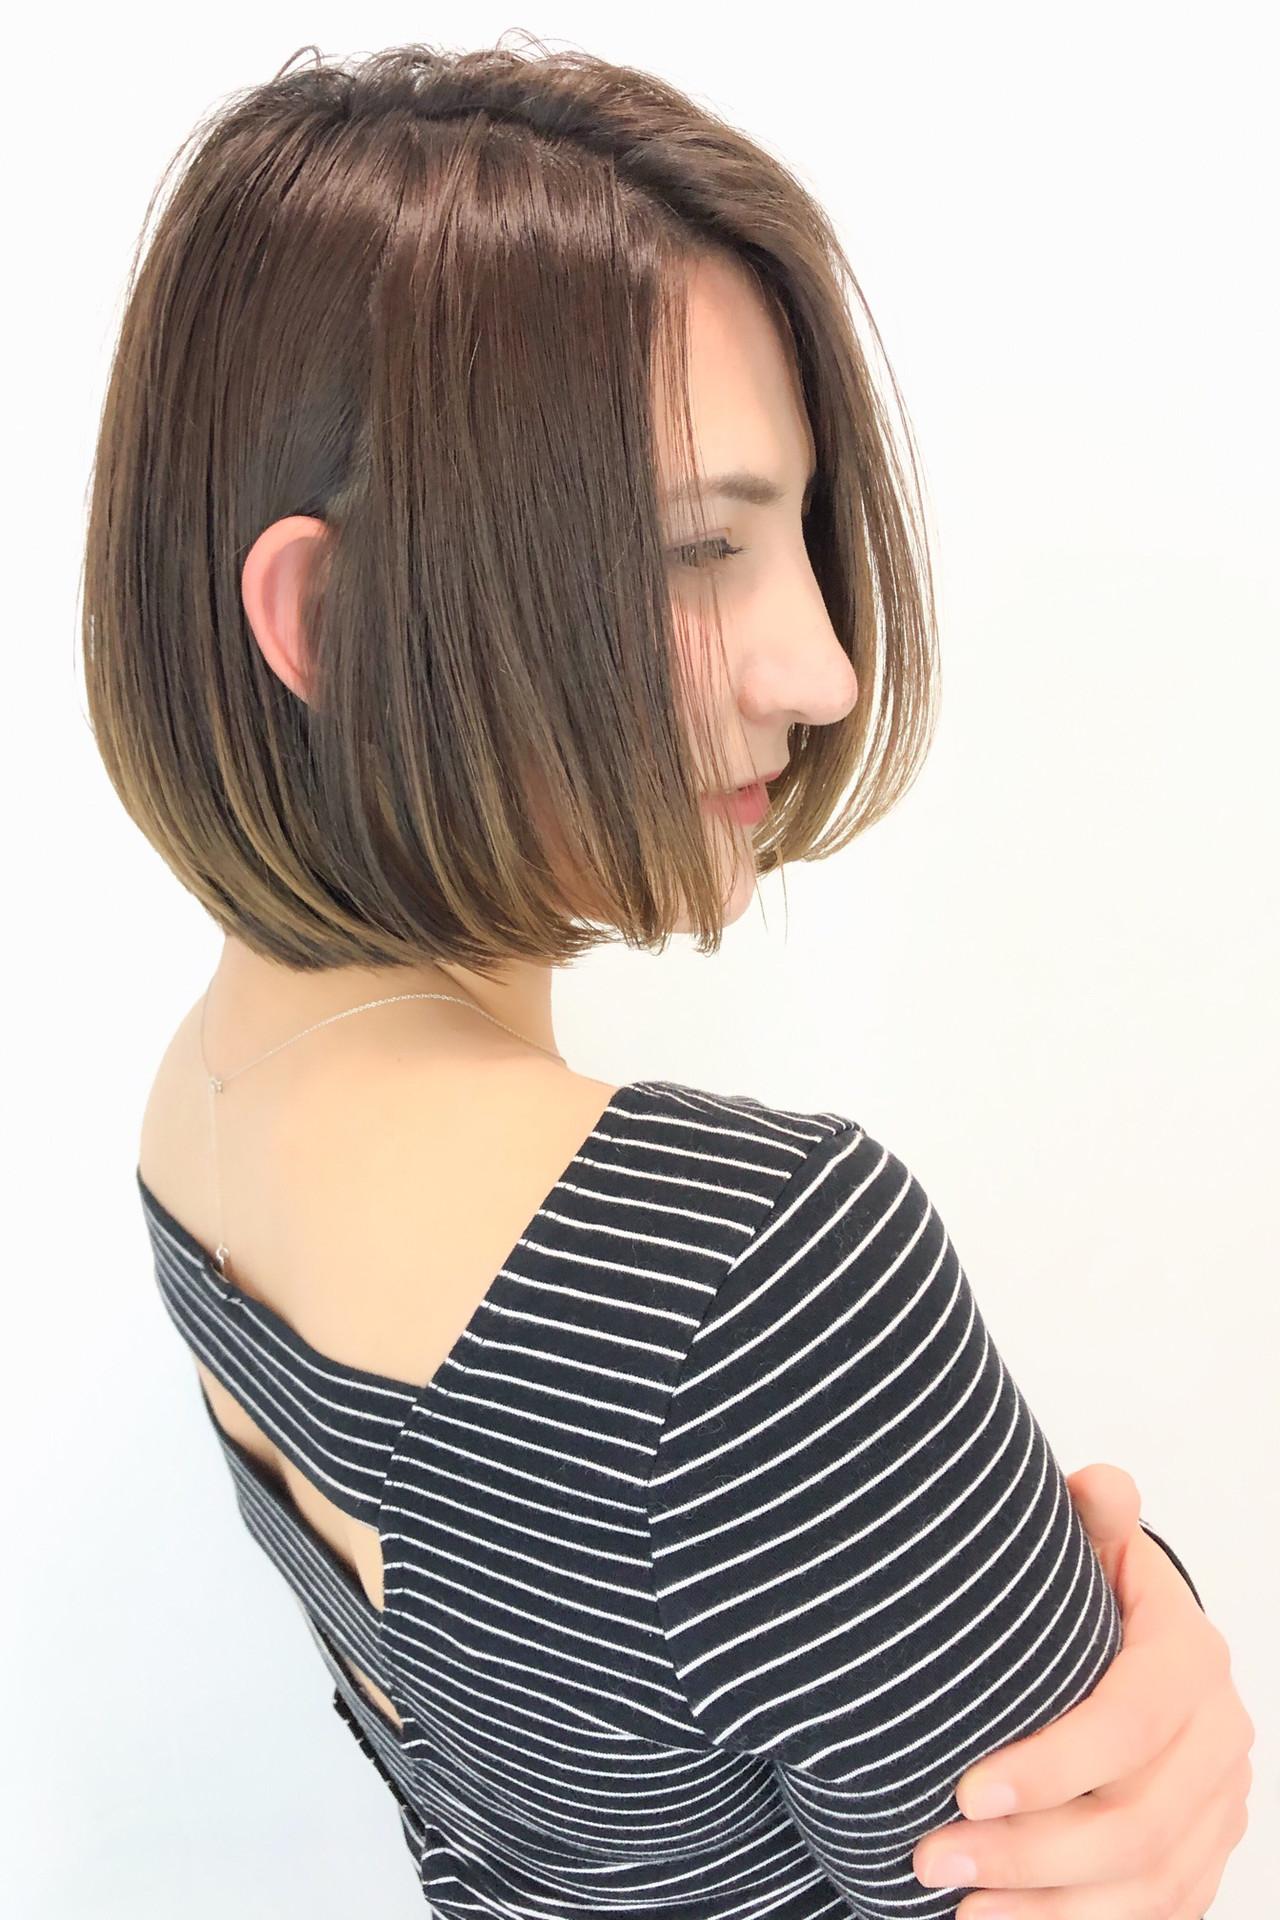 斜め前髪 ワンレングス 春スタイル ショートボブヘアスタイルや髪型の写真・画像